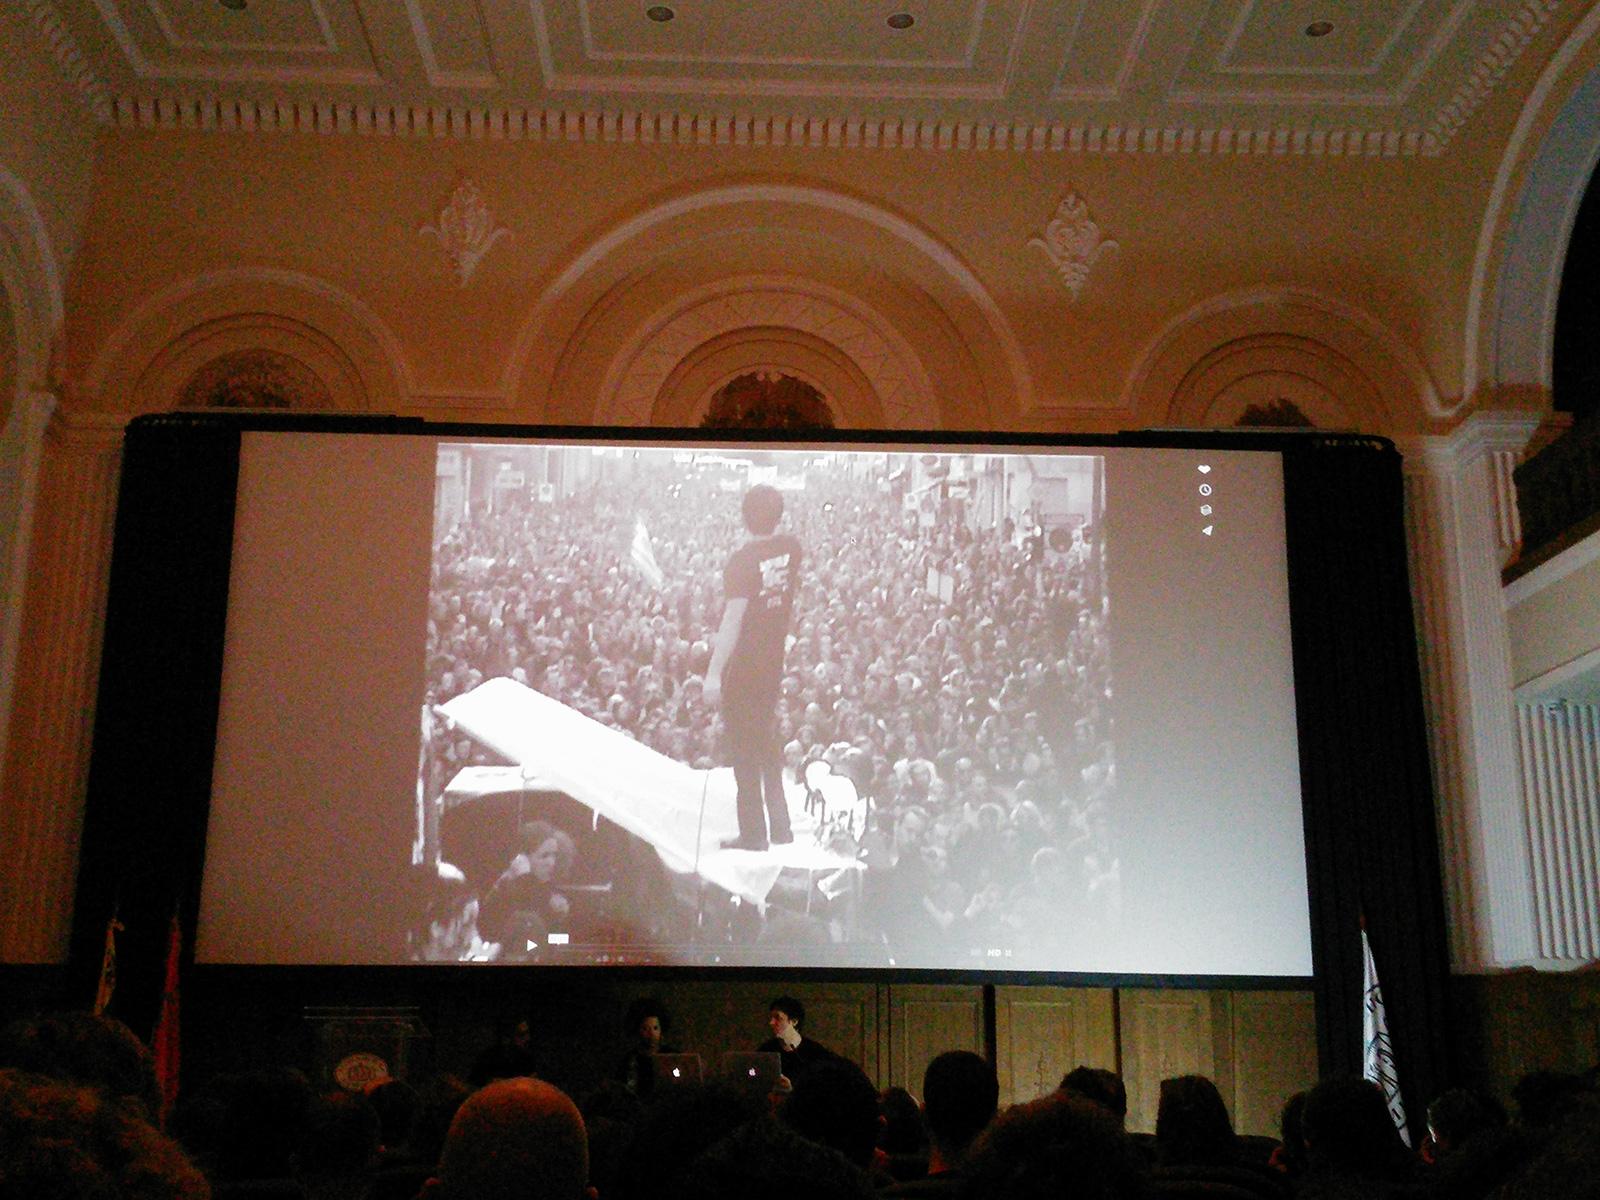 Alec Empire lecture